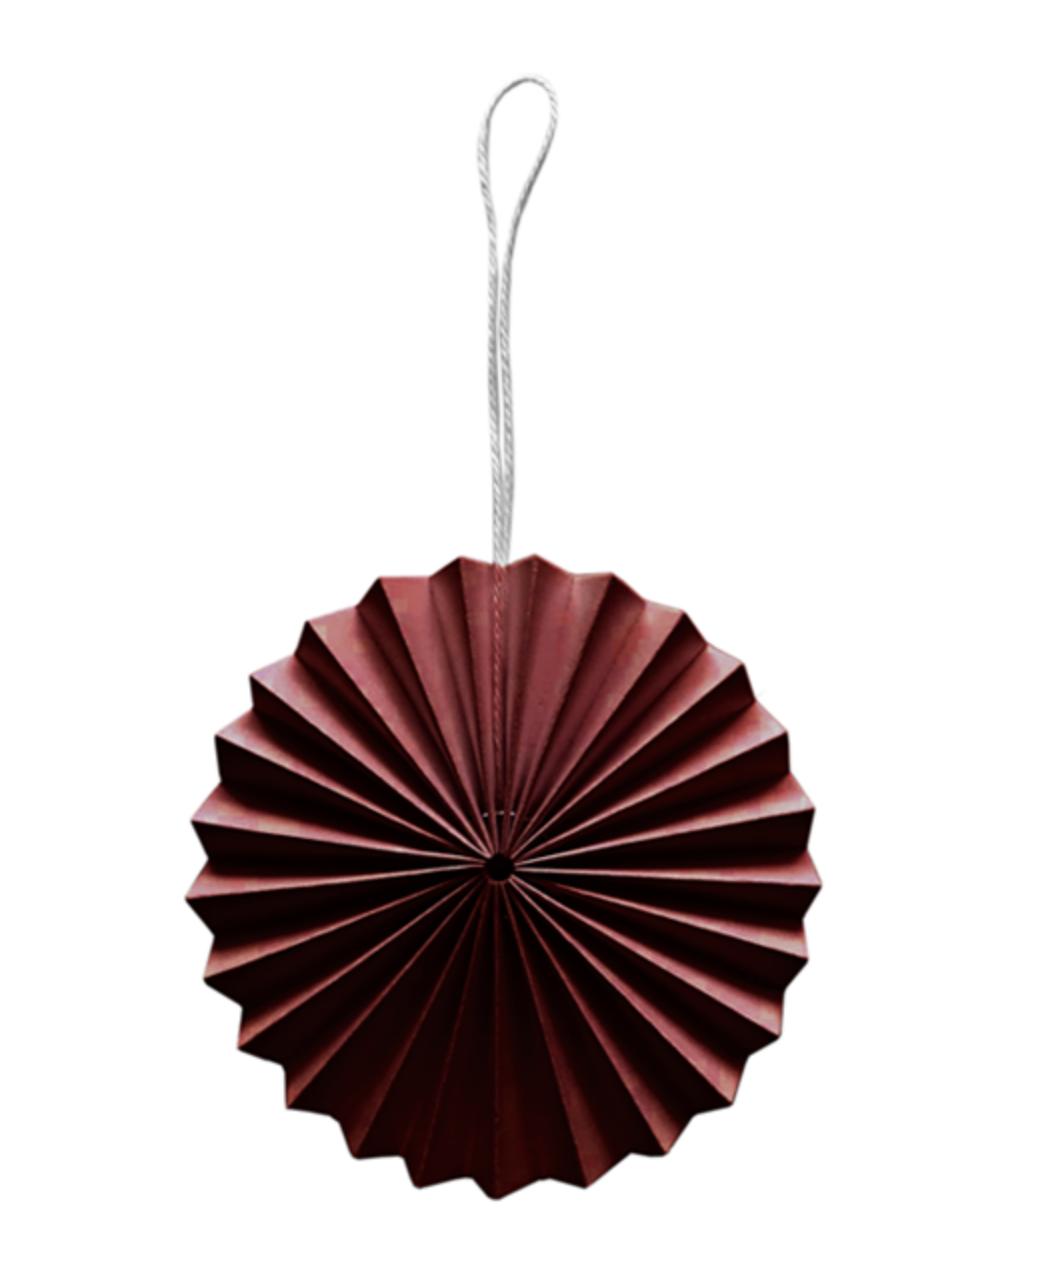 Papieren Ornament - Bordeaux - Delight Department-1